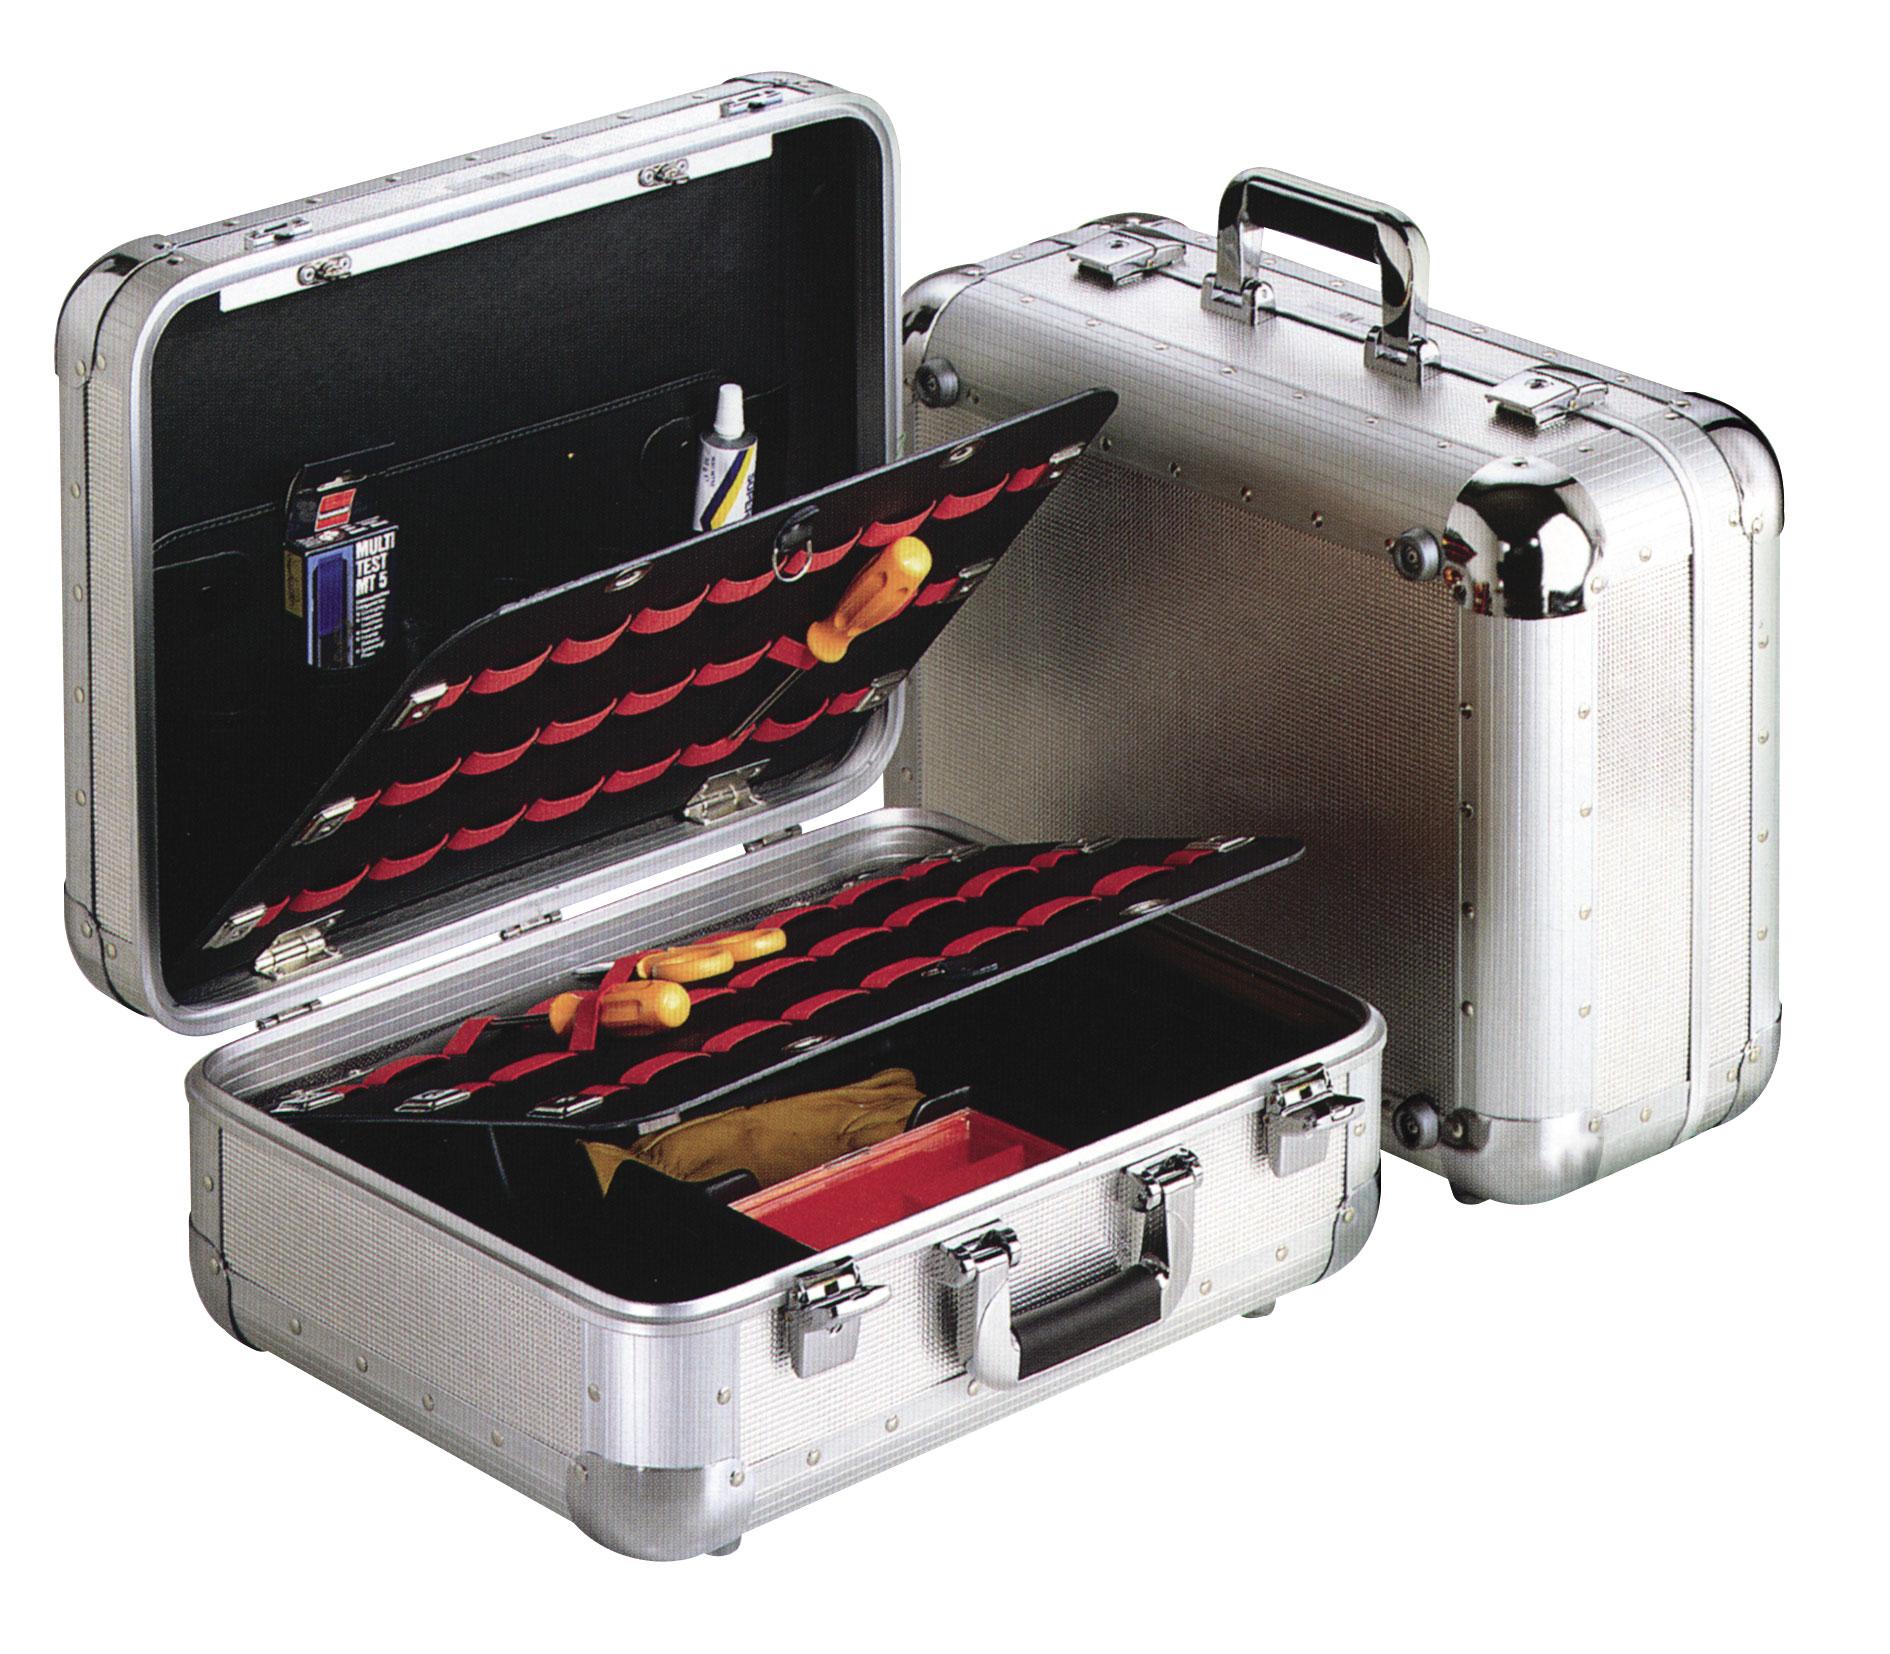 Valise outils en aluminium à coins arrondis et 2 volets